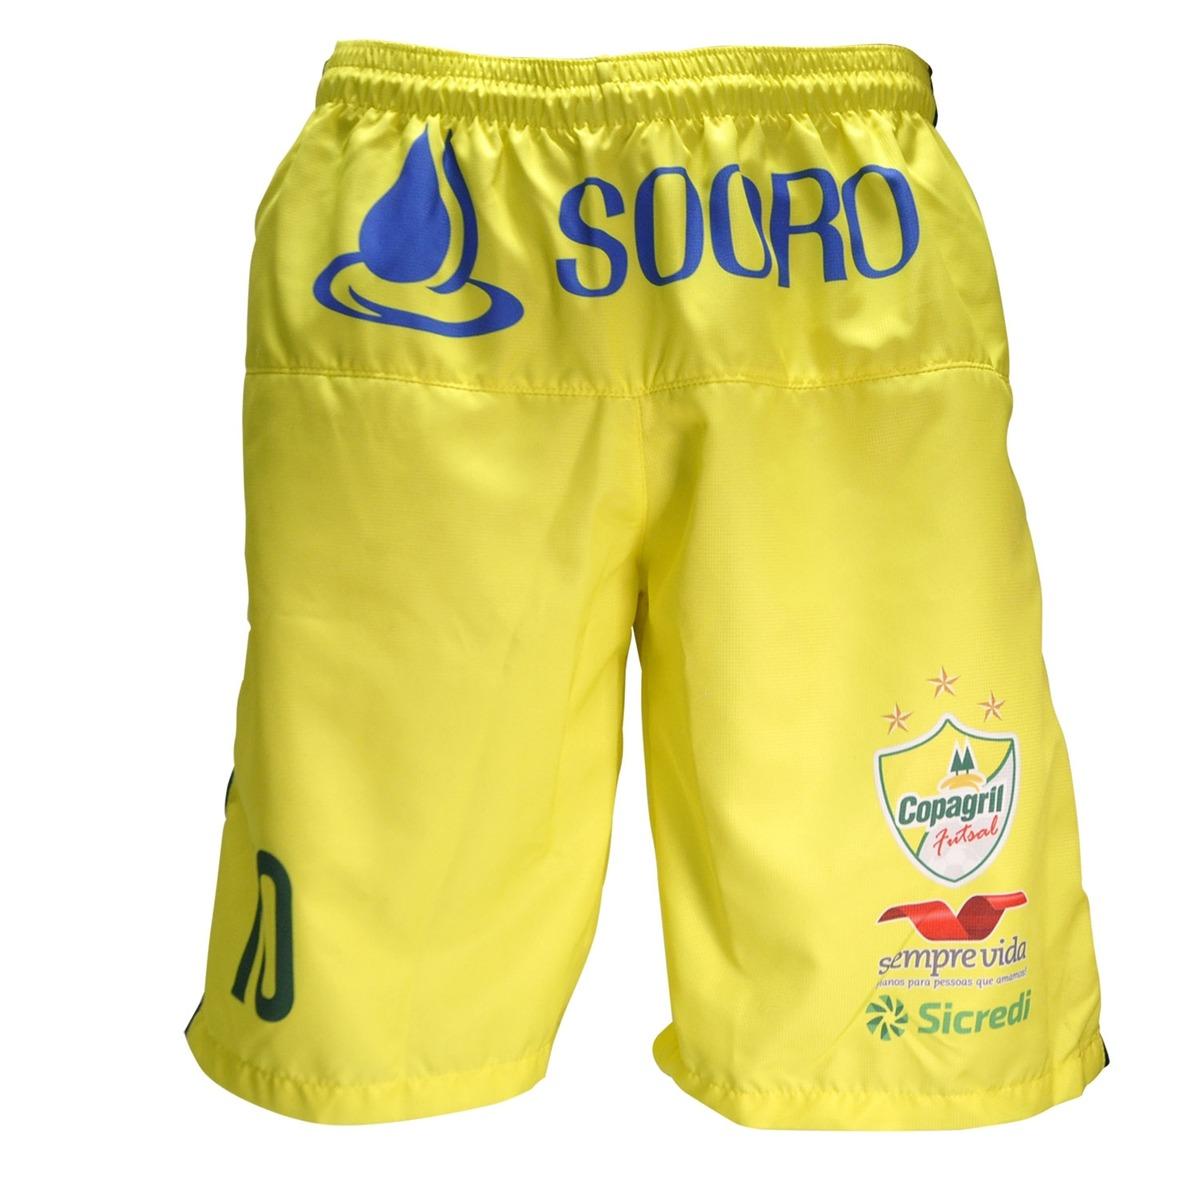 calção oficial copagril futsal 2018 amarelo. Carregando zoom. bb57574ac1f2a